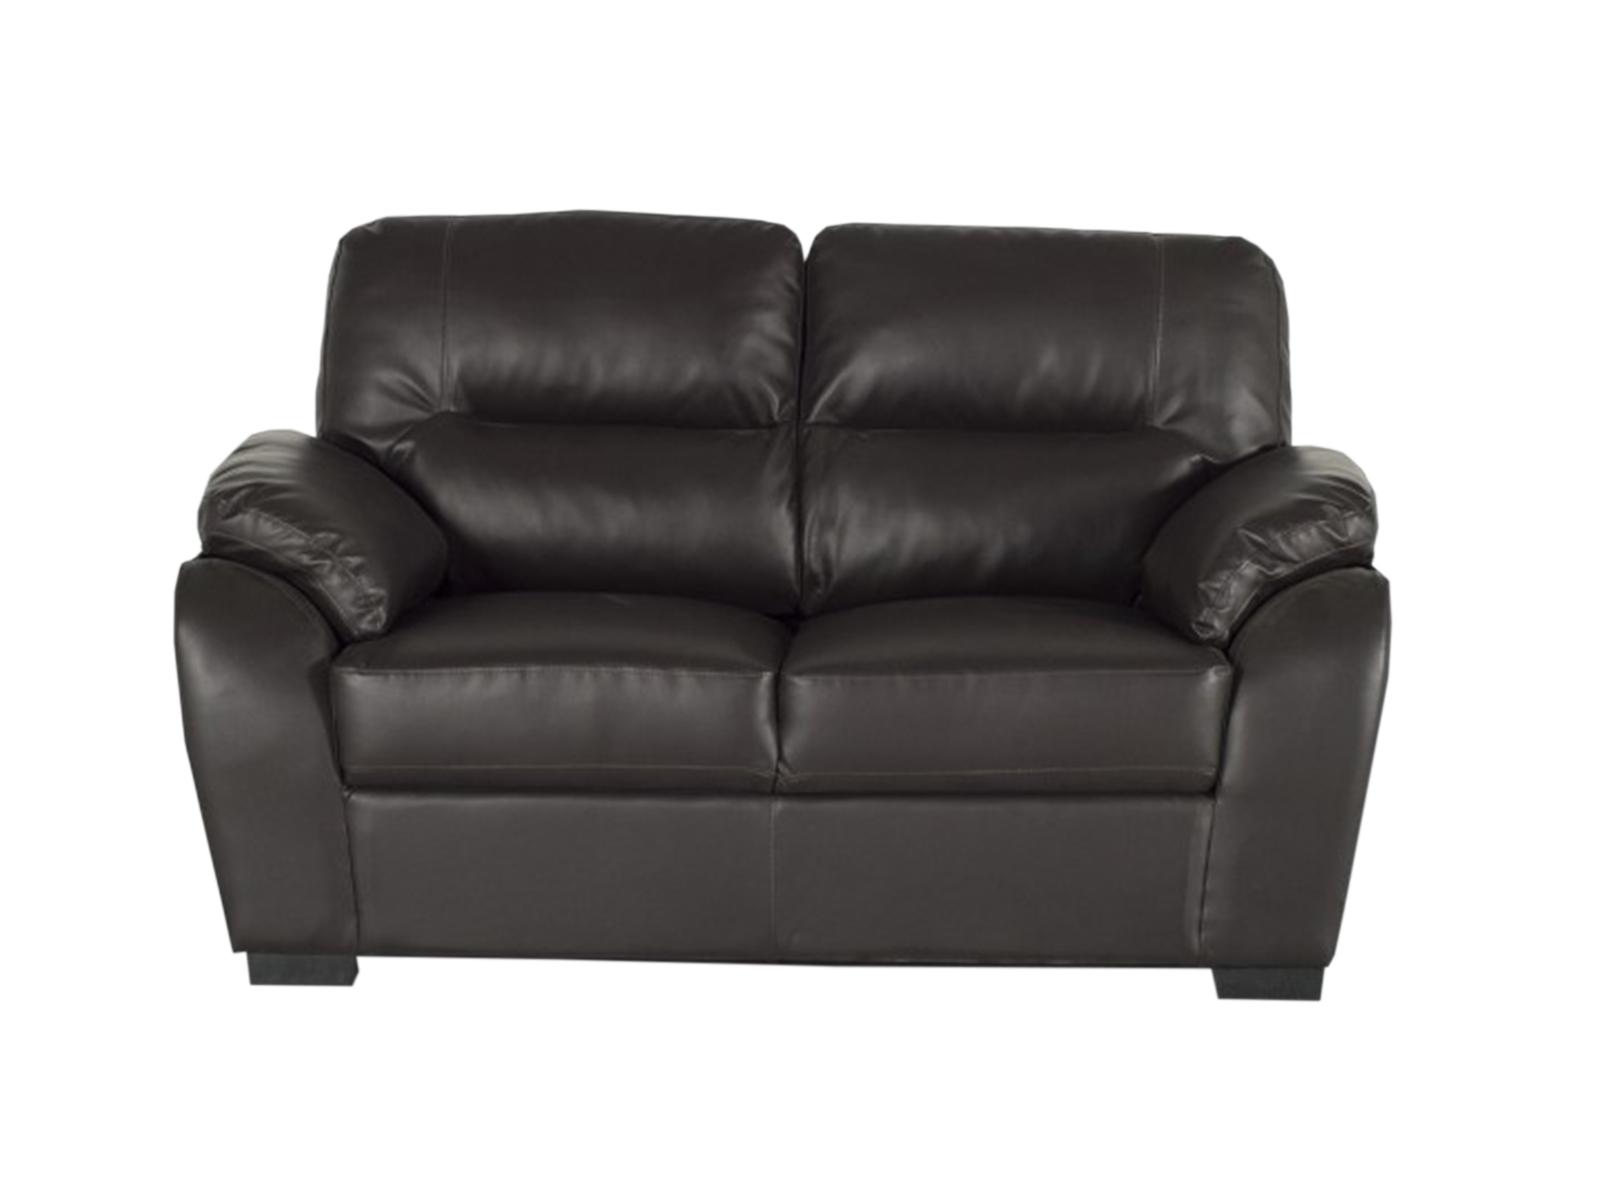 Canapea fixa 2 locuri Matteo Brown